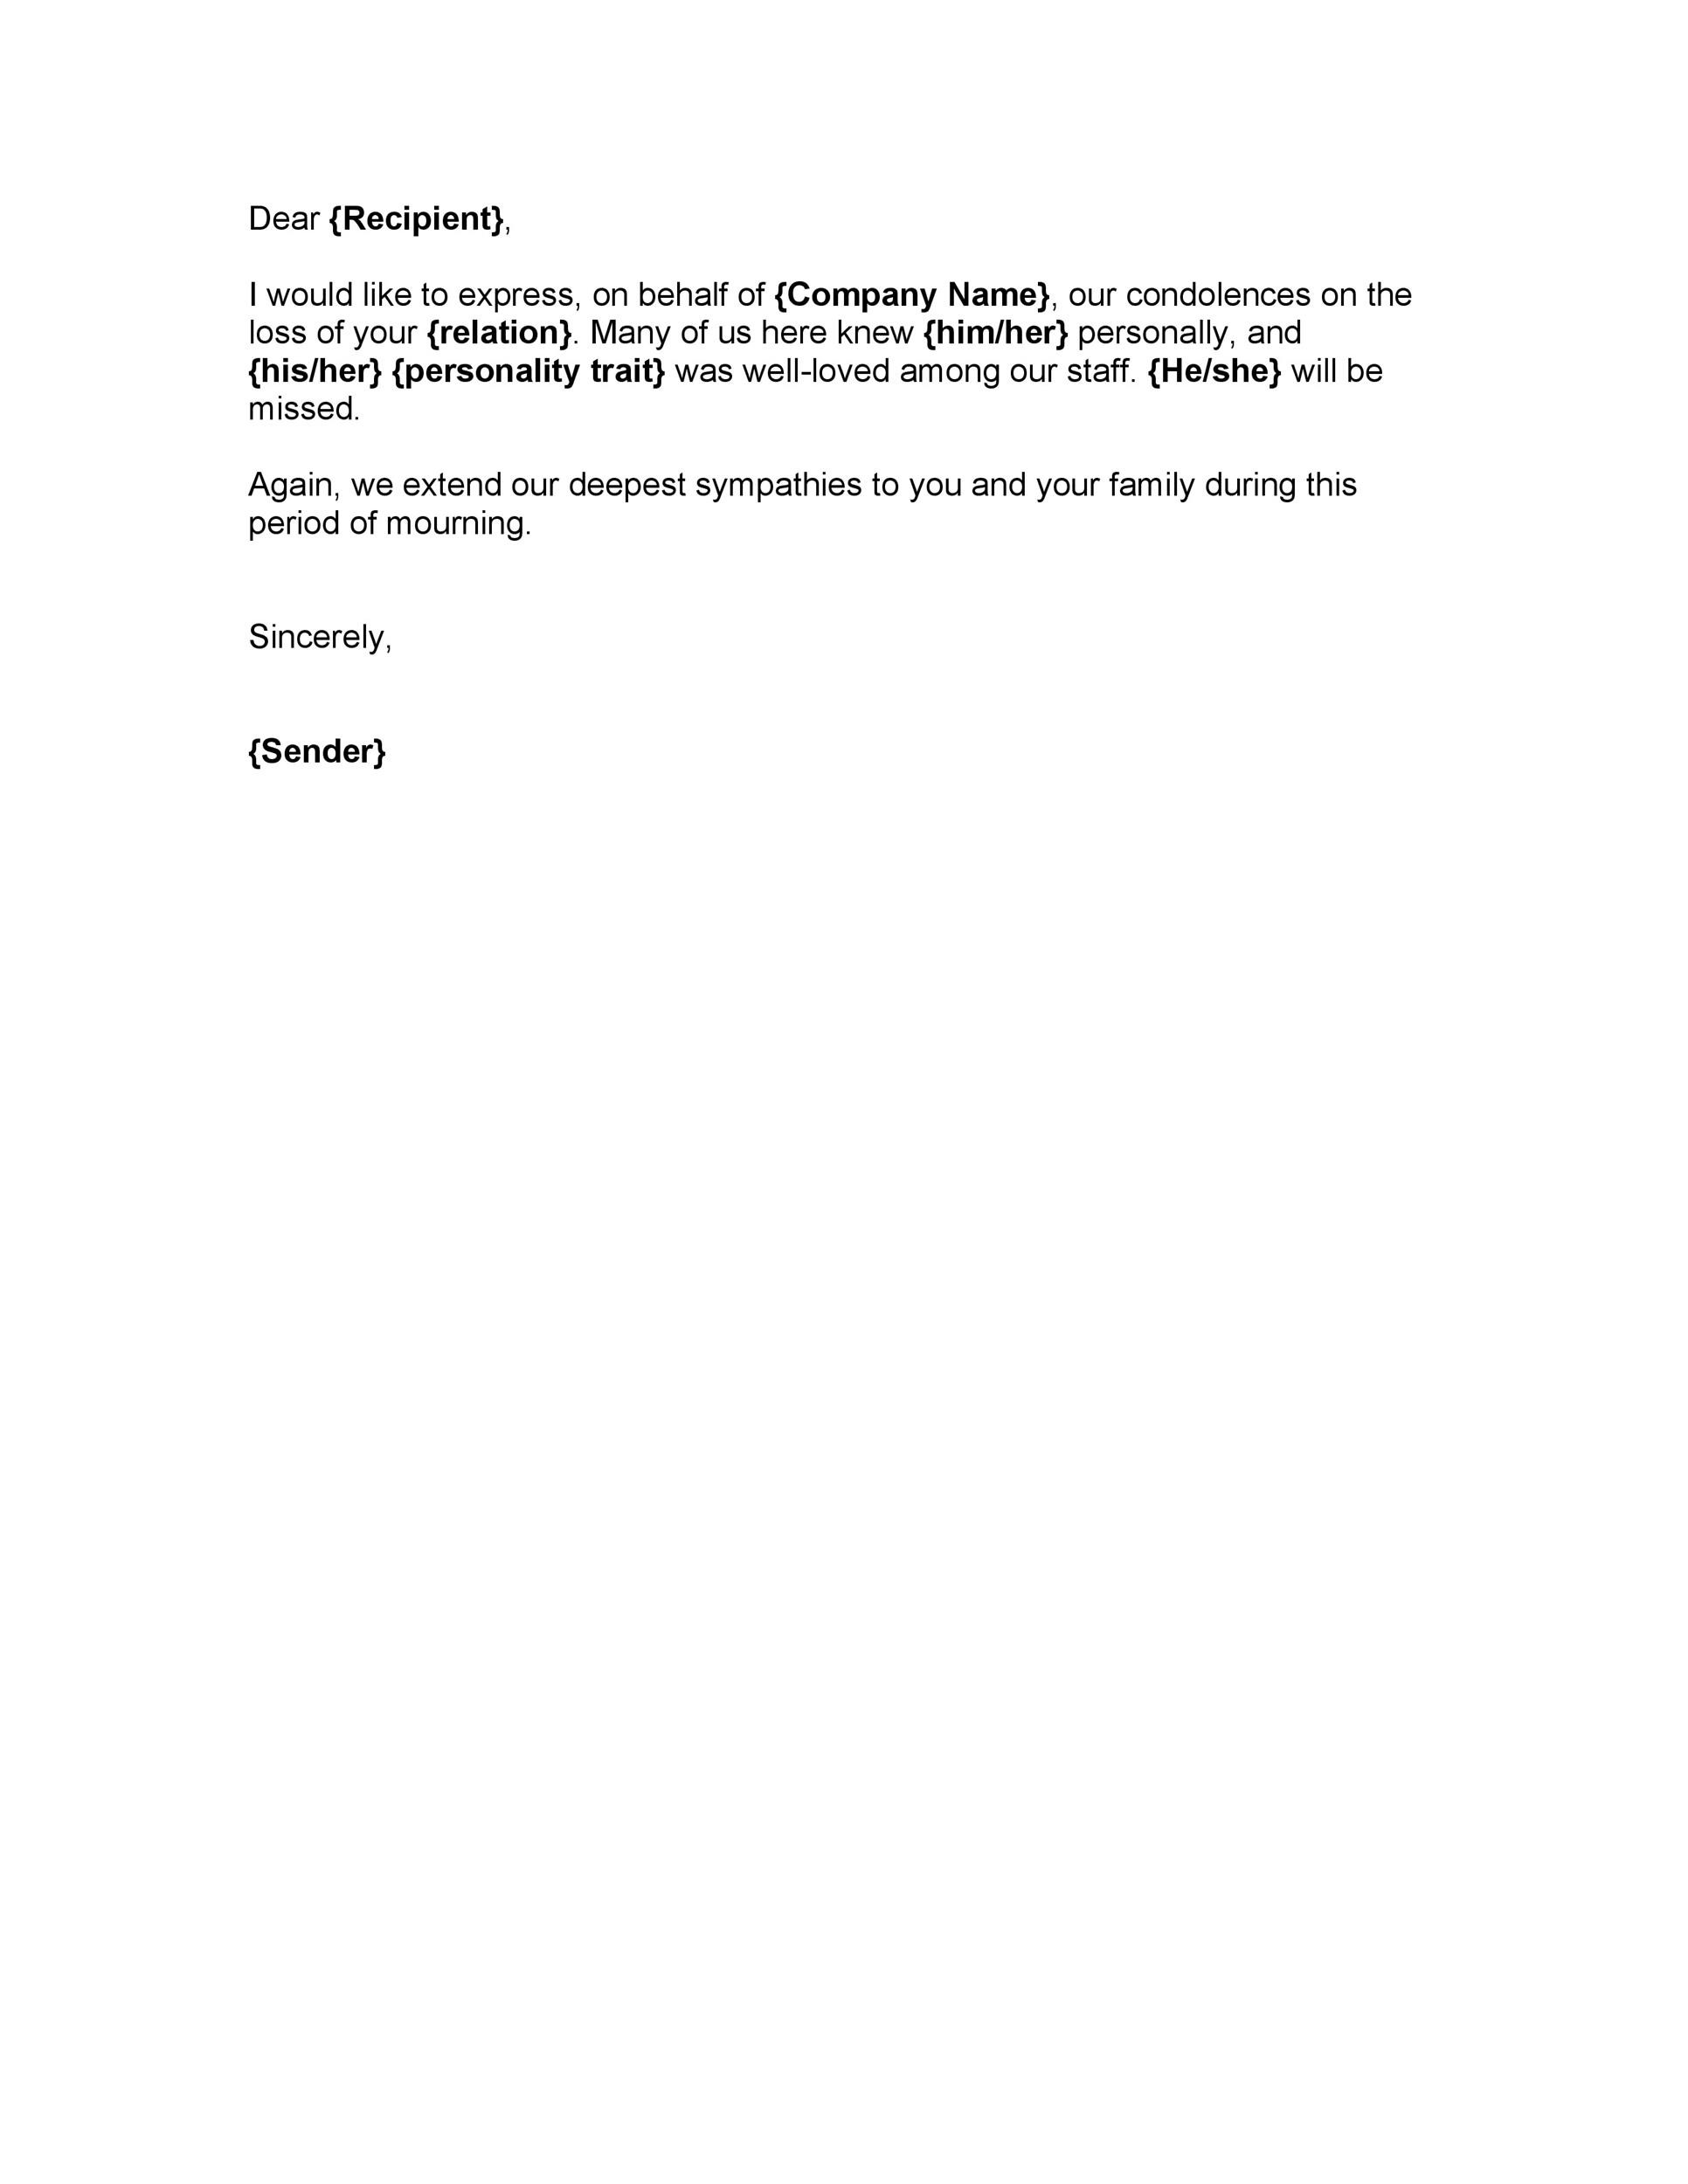 Free condolence letter 01